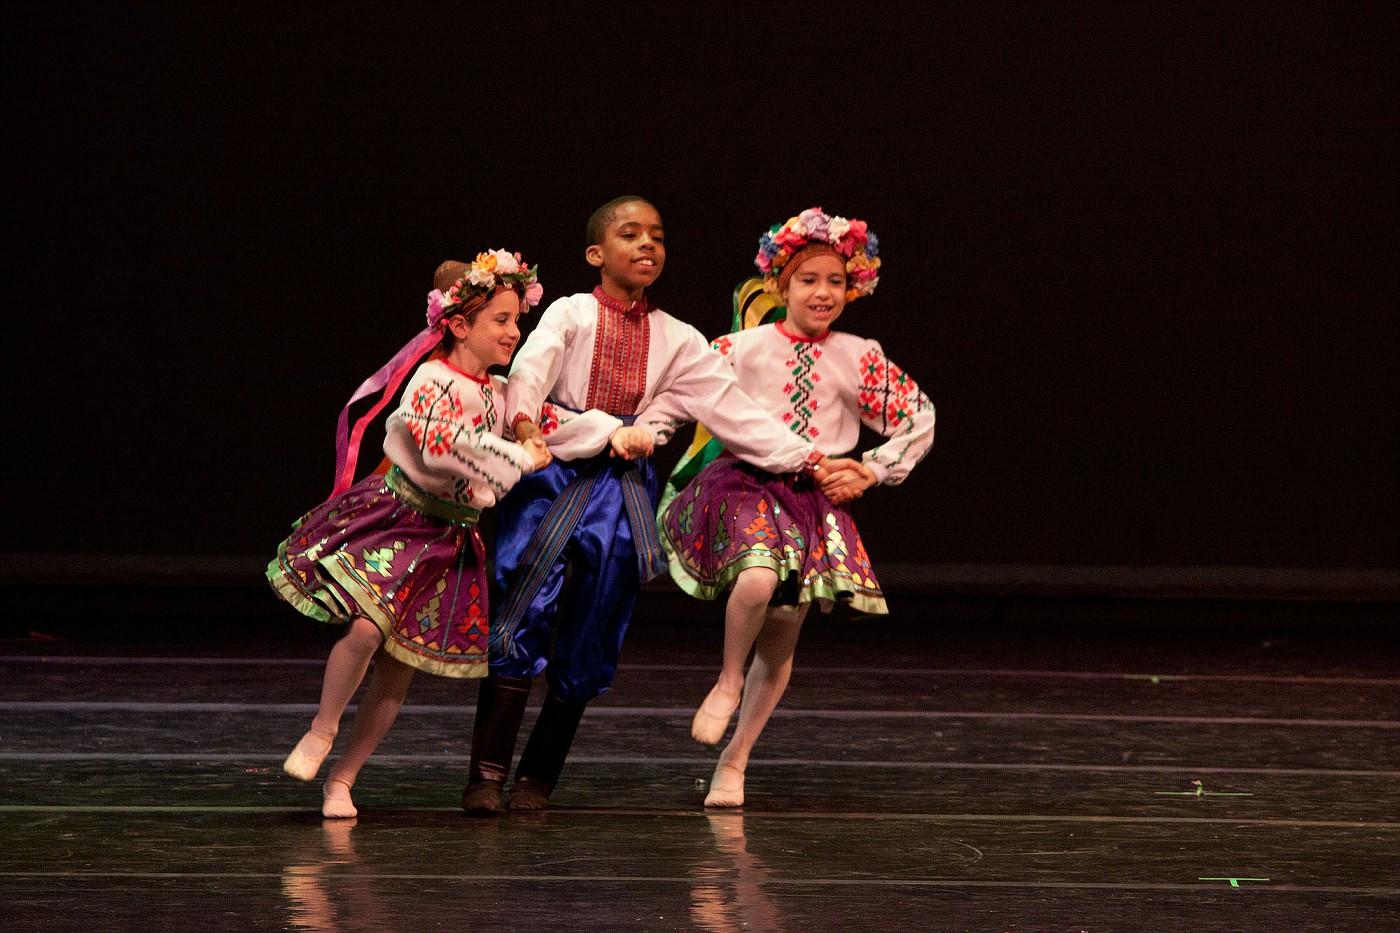 portrait-photography-children-ballet-20100617_0038.jpg